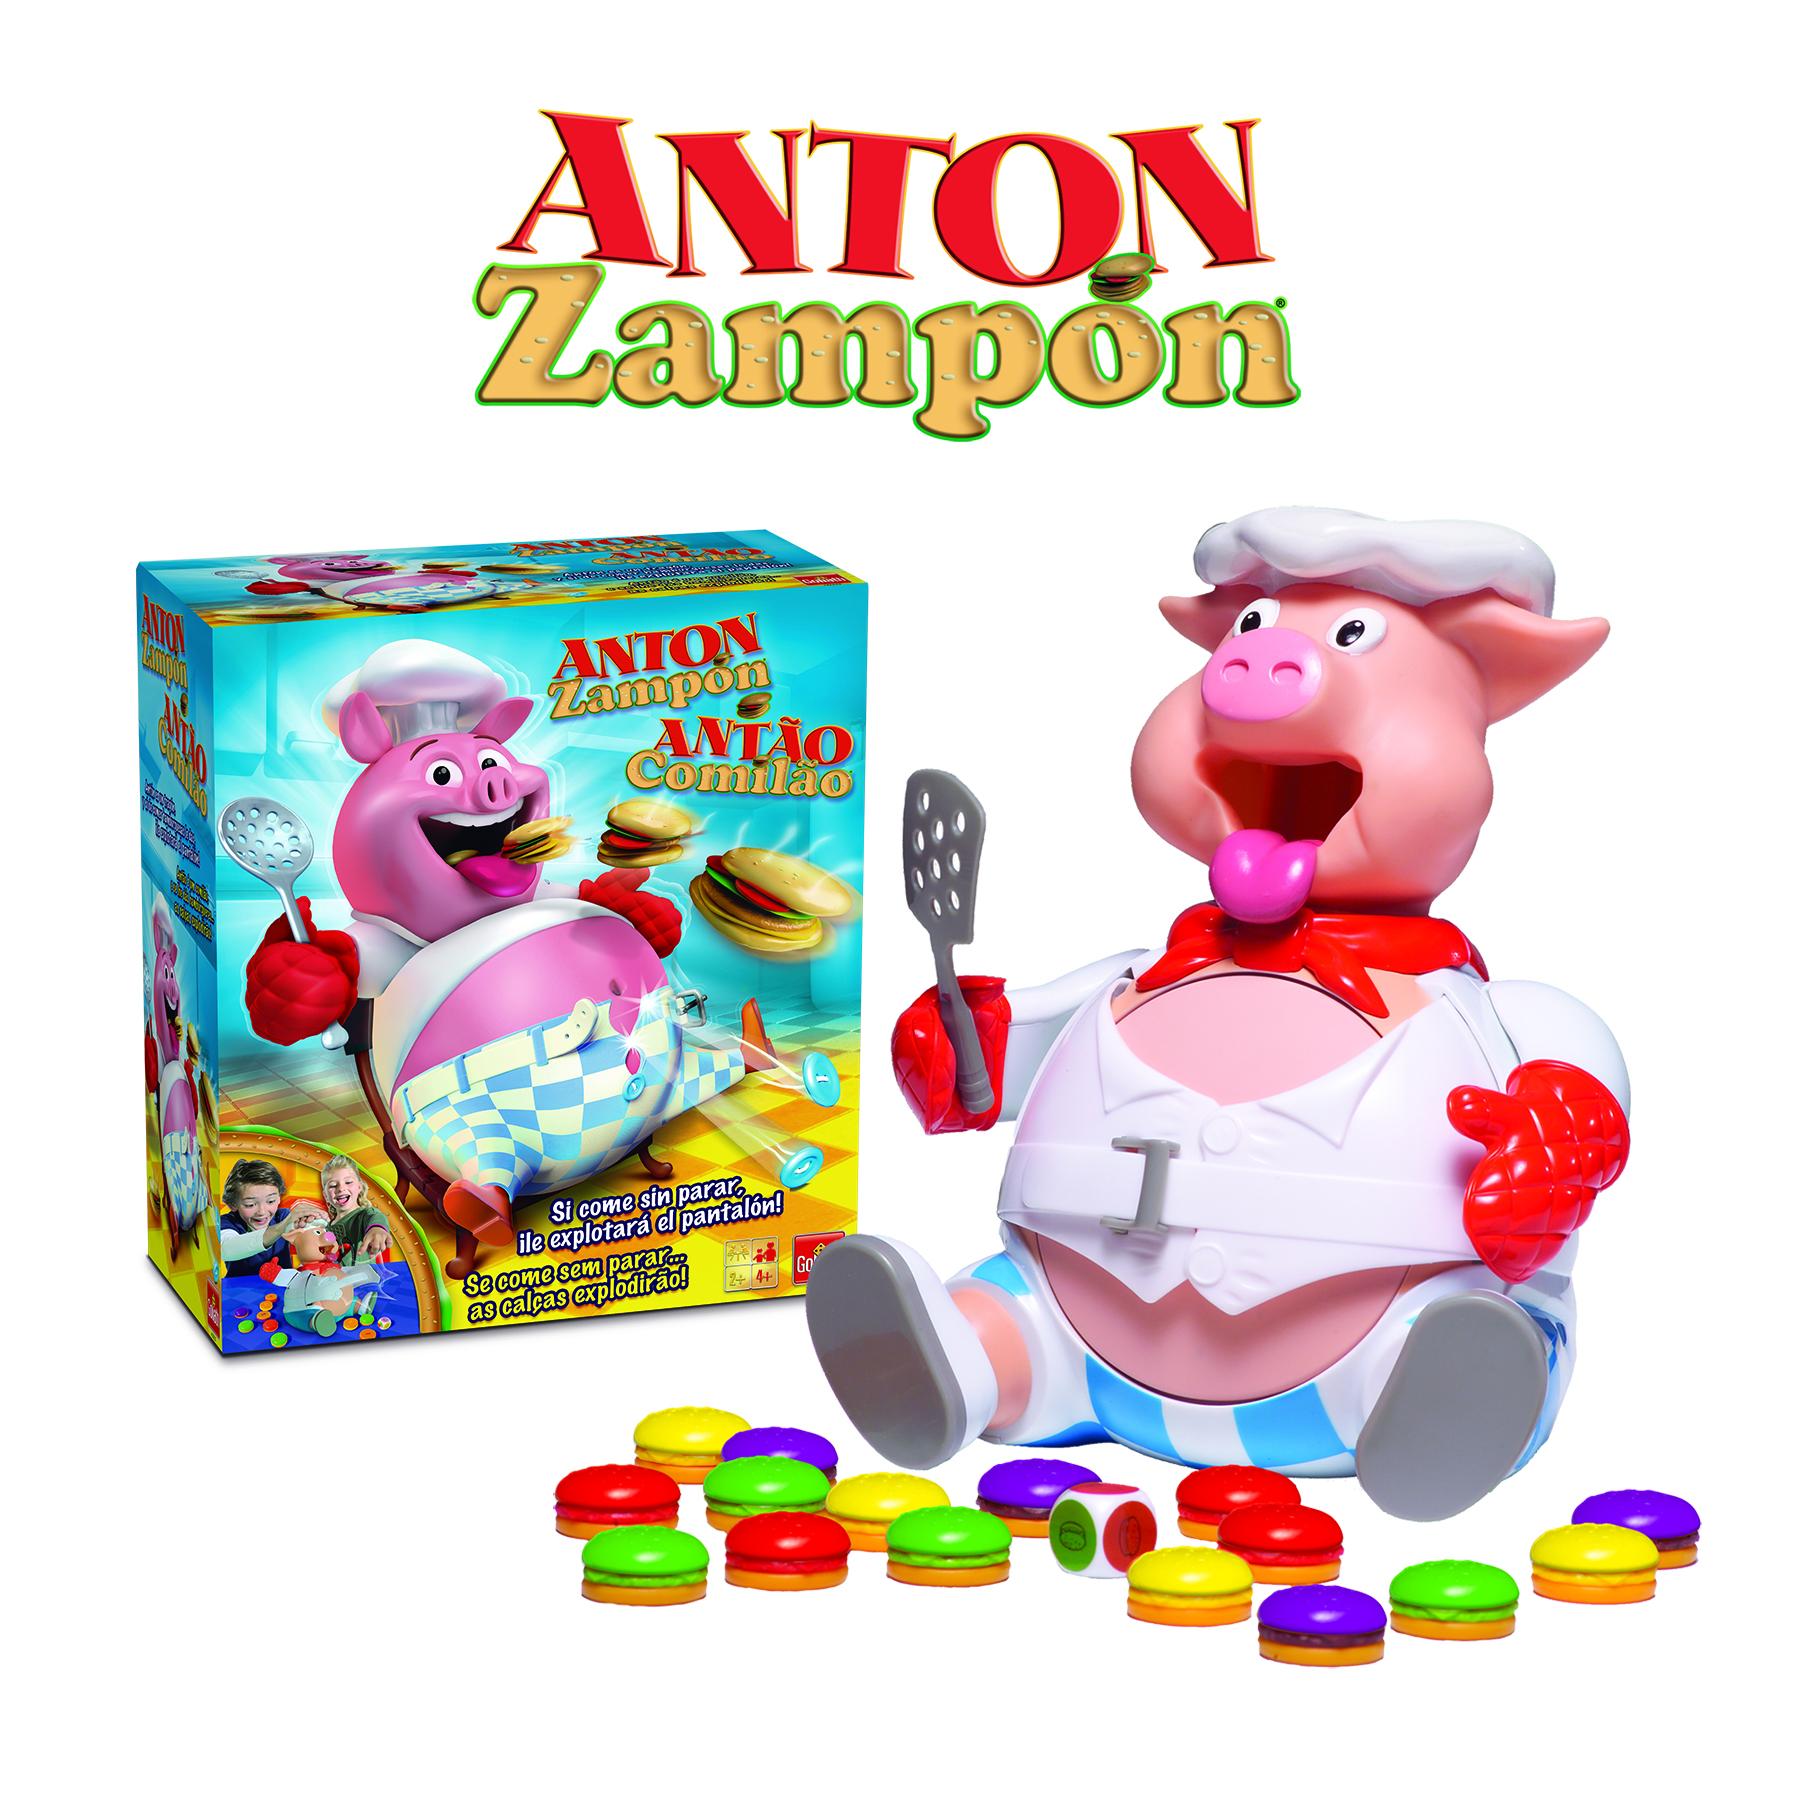 ANTON ZAMPON 30337.706 - N78418